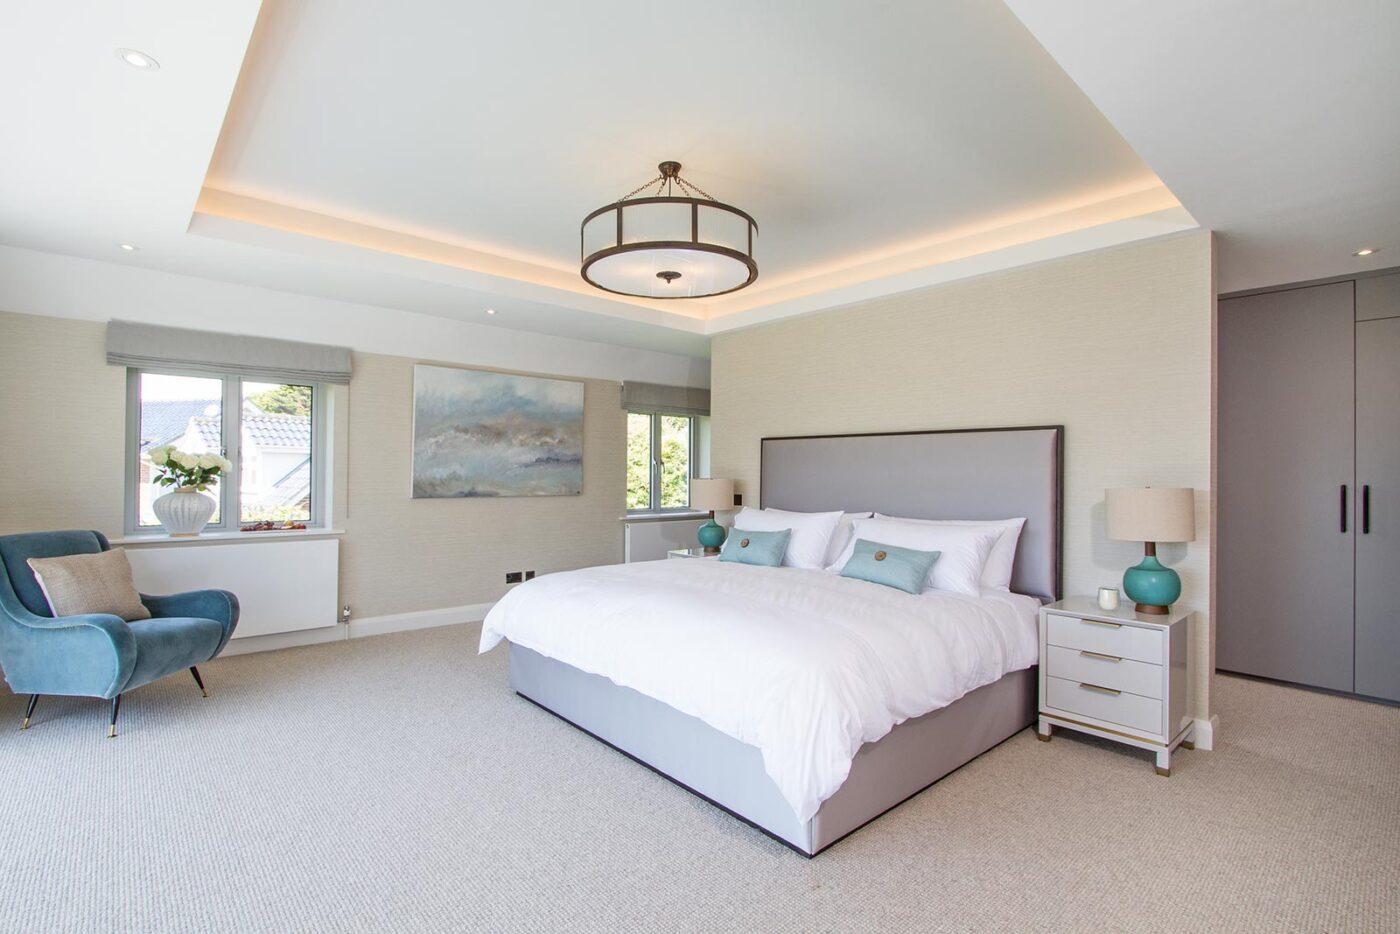 residential lighting design ideas